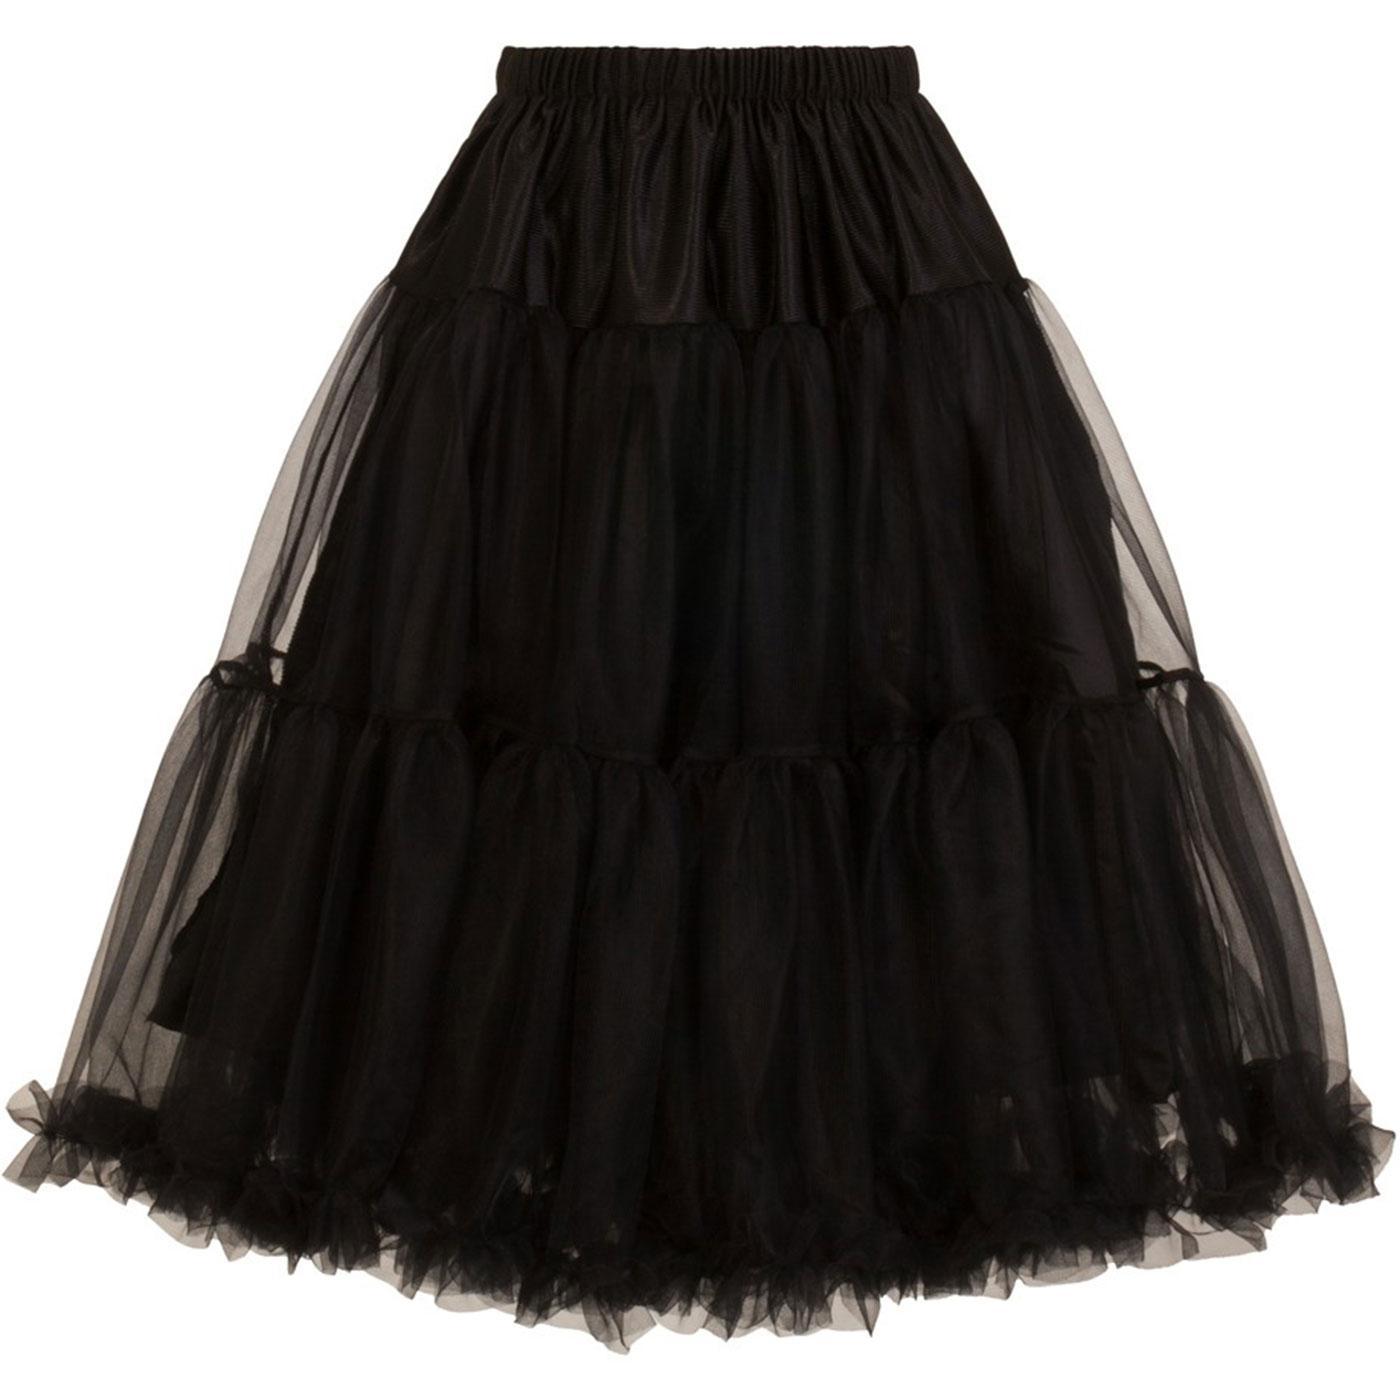 Polly HELL BUNNY Retro 50s Crinoline Petticoat B